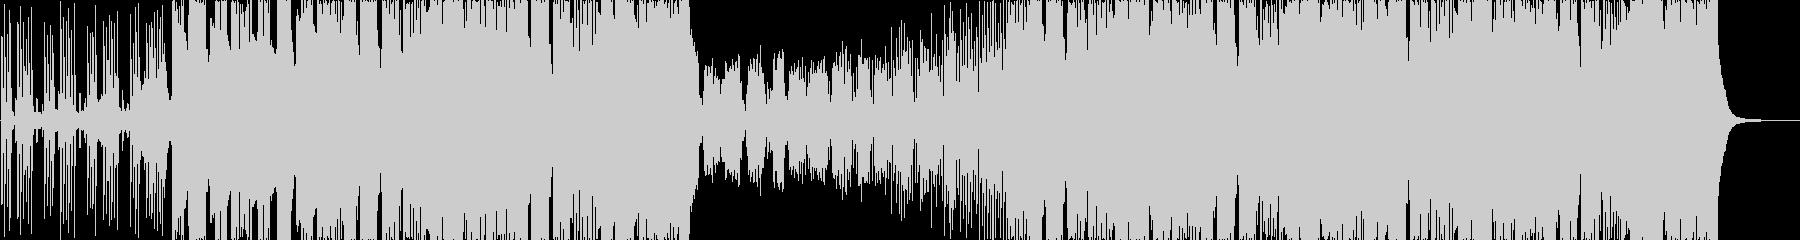 フューチャ ベース コーポレート ...の未再生の波形